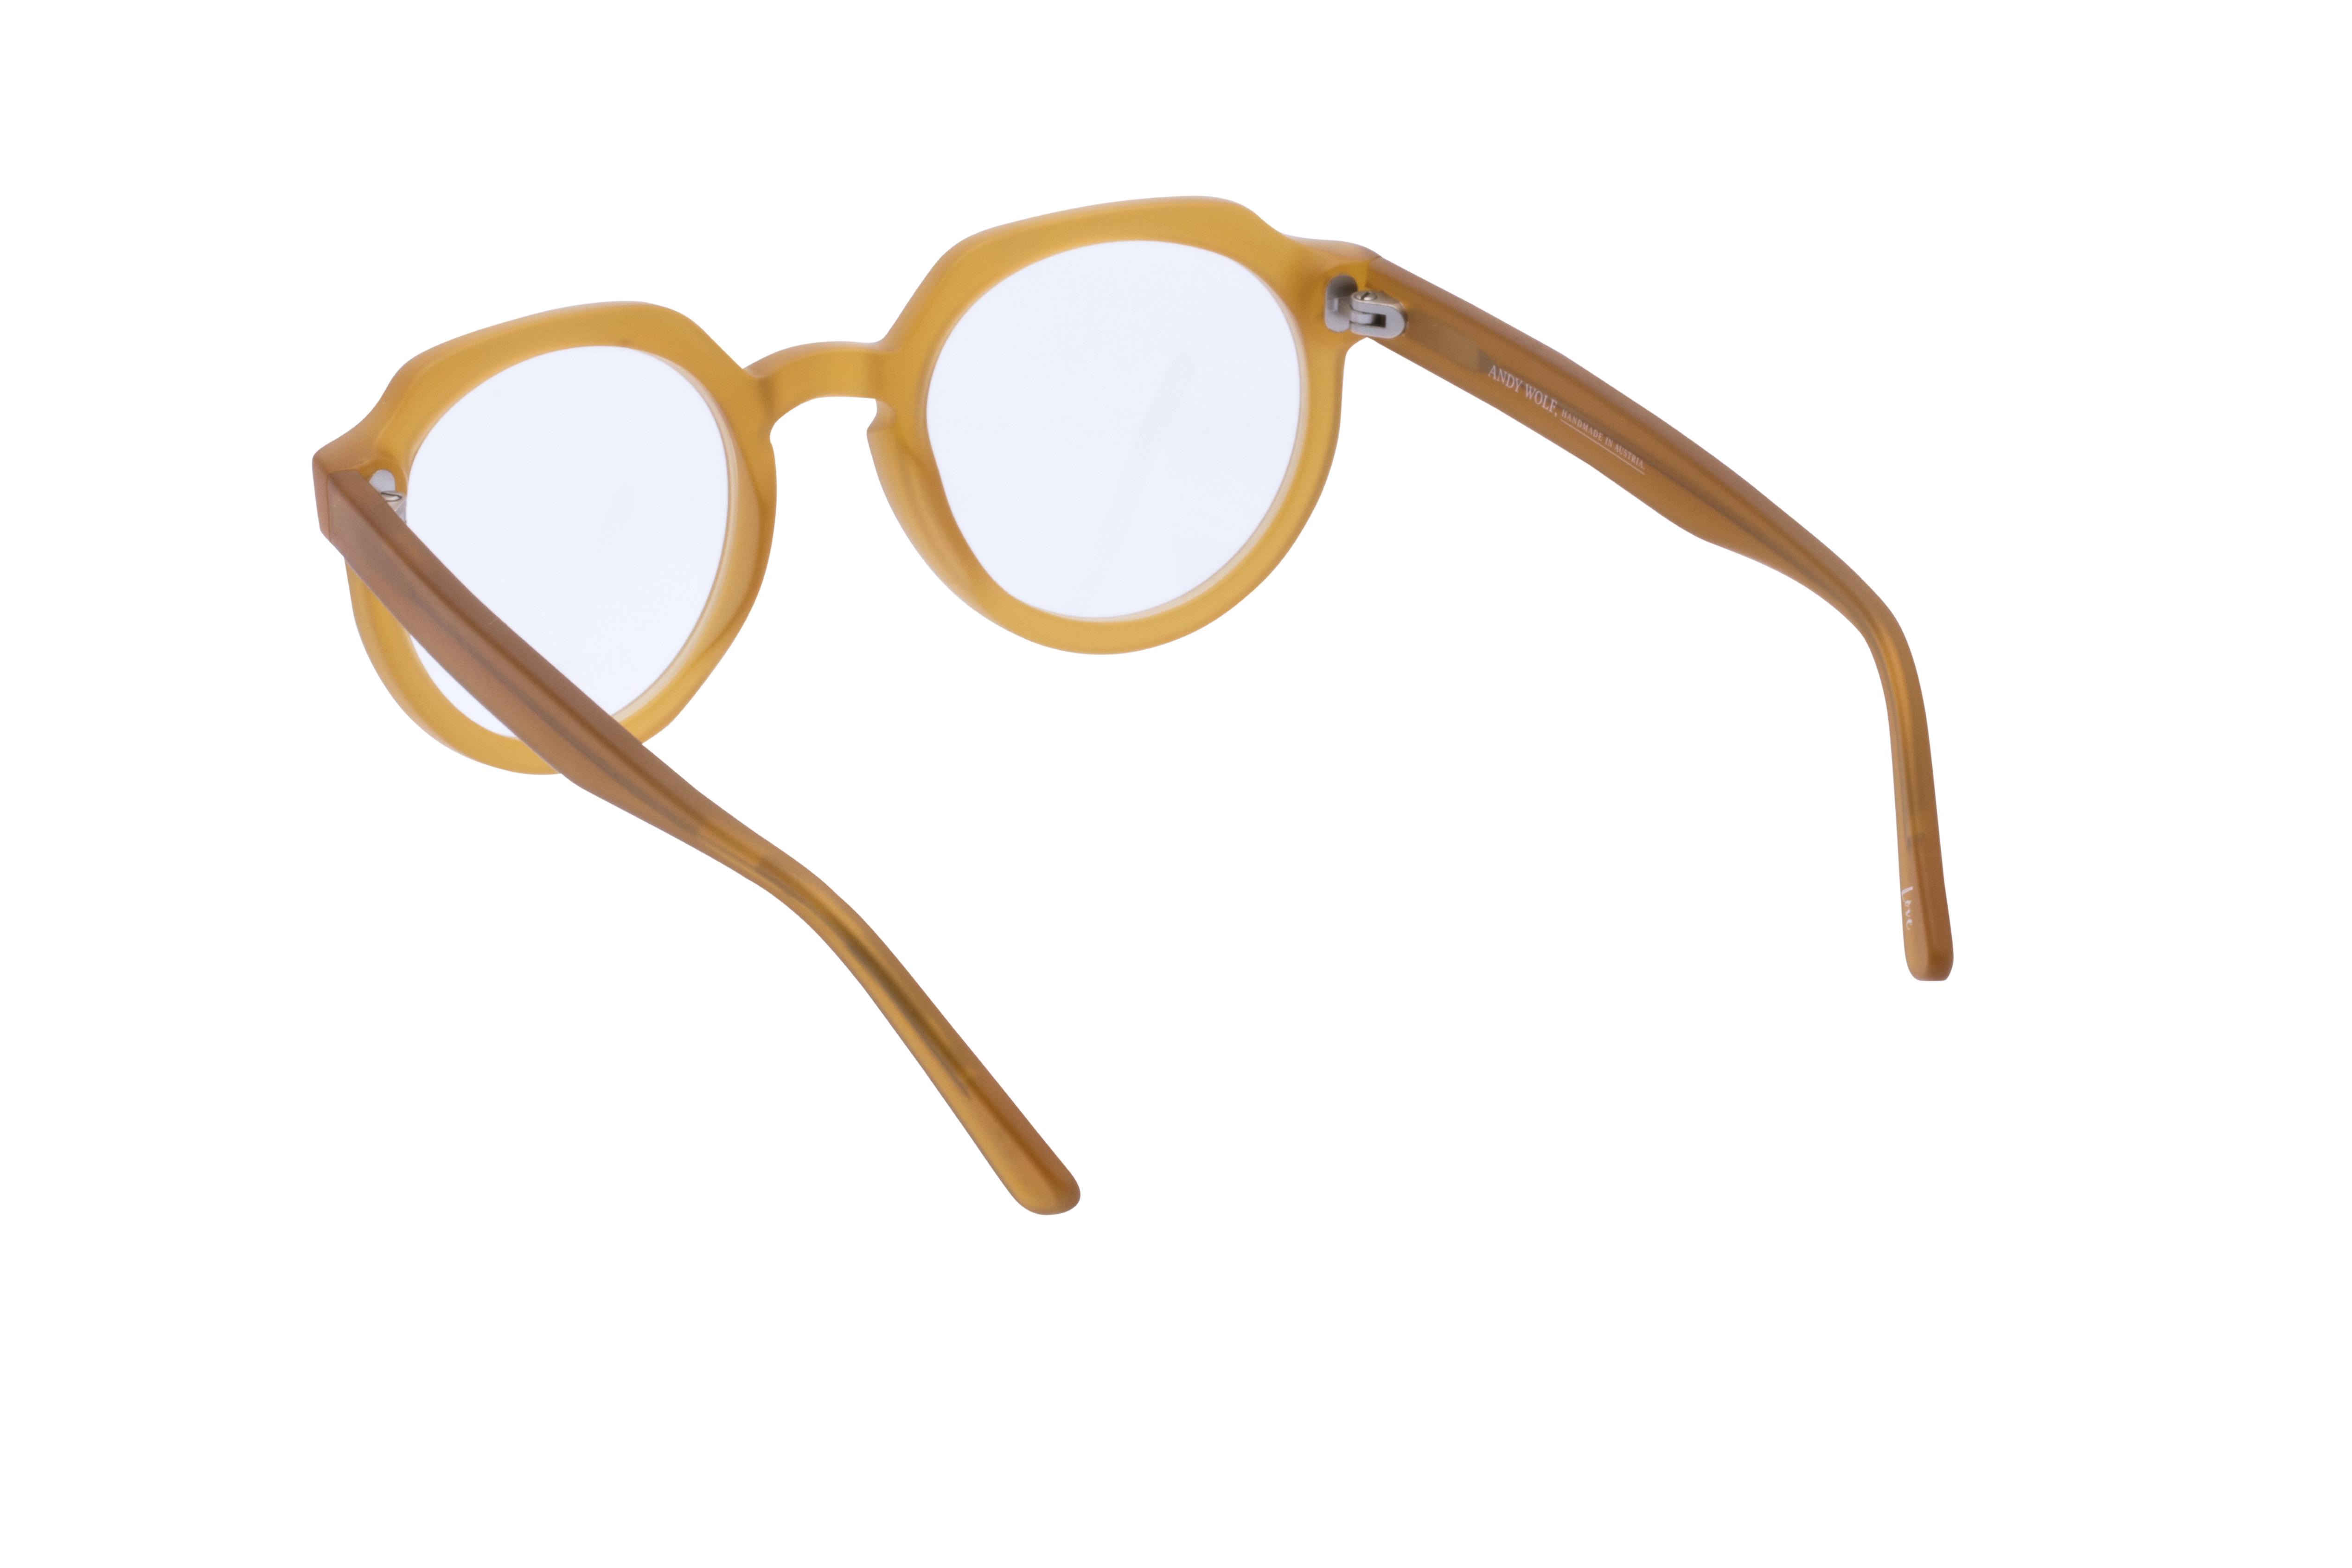 360 Grad Ansicht 14 Andy Wolf 4570, Brille auf Weiß - Fassung bei KUNK